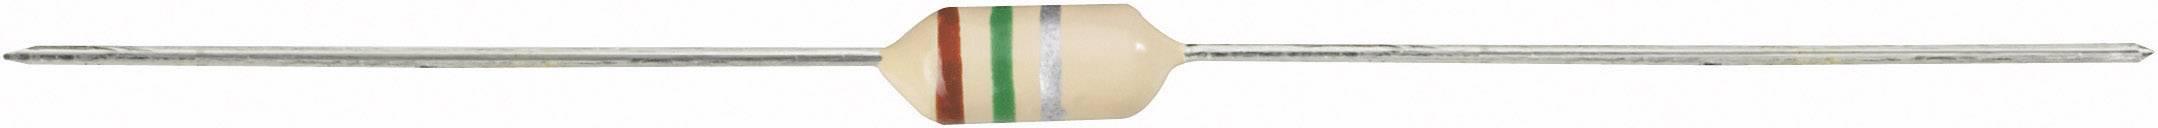 VF cívka Fastron SMCC-2R2K-02, 2,2 µH, 1 A, 10 %, SMCC-2R2, ferit